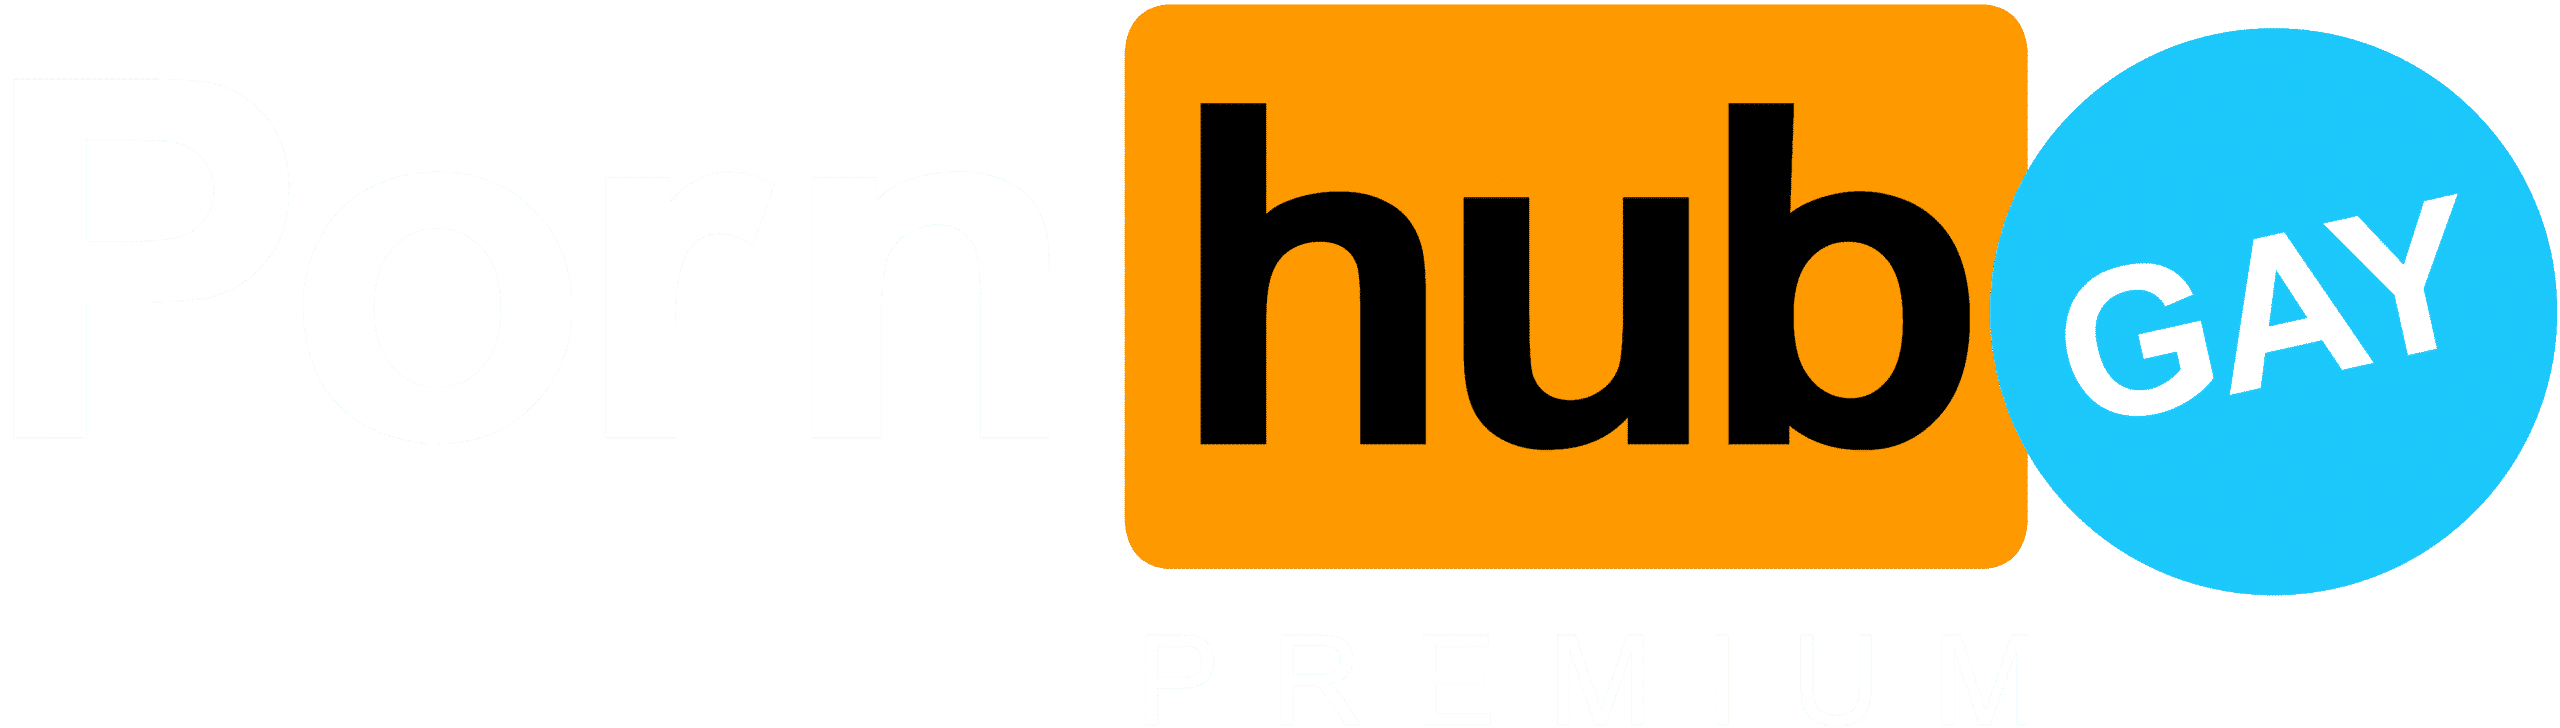 PornHub Gay Premium Free Trial